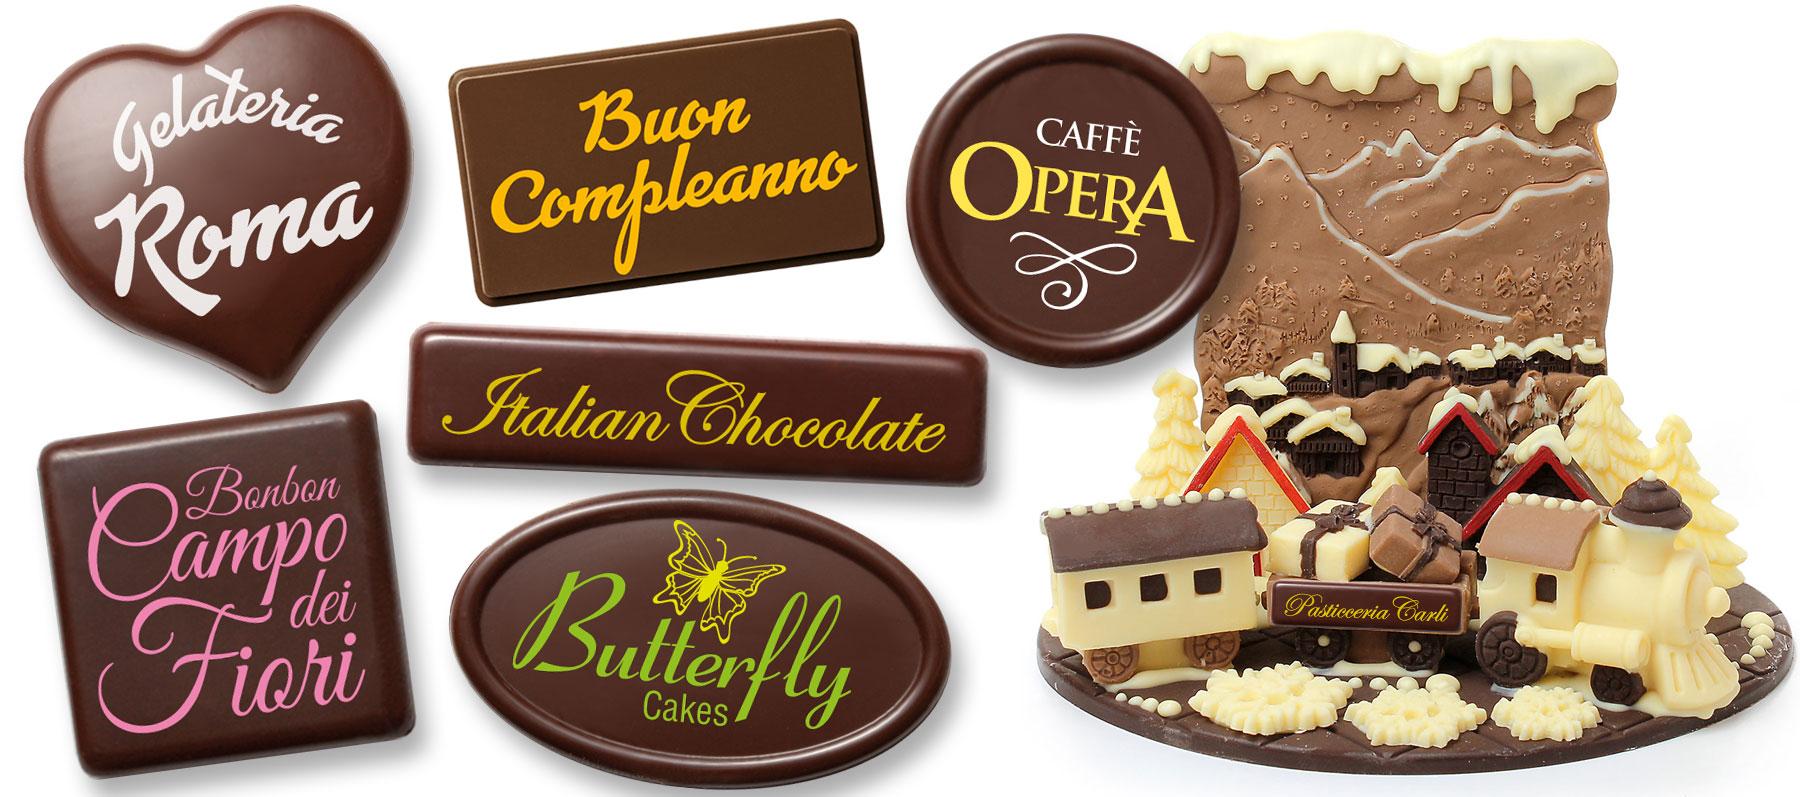 Cioccolato professionale